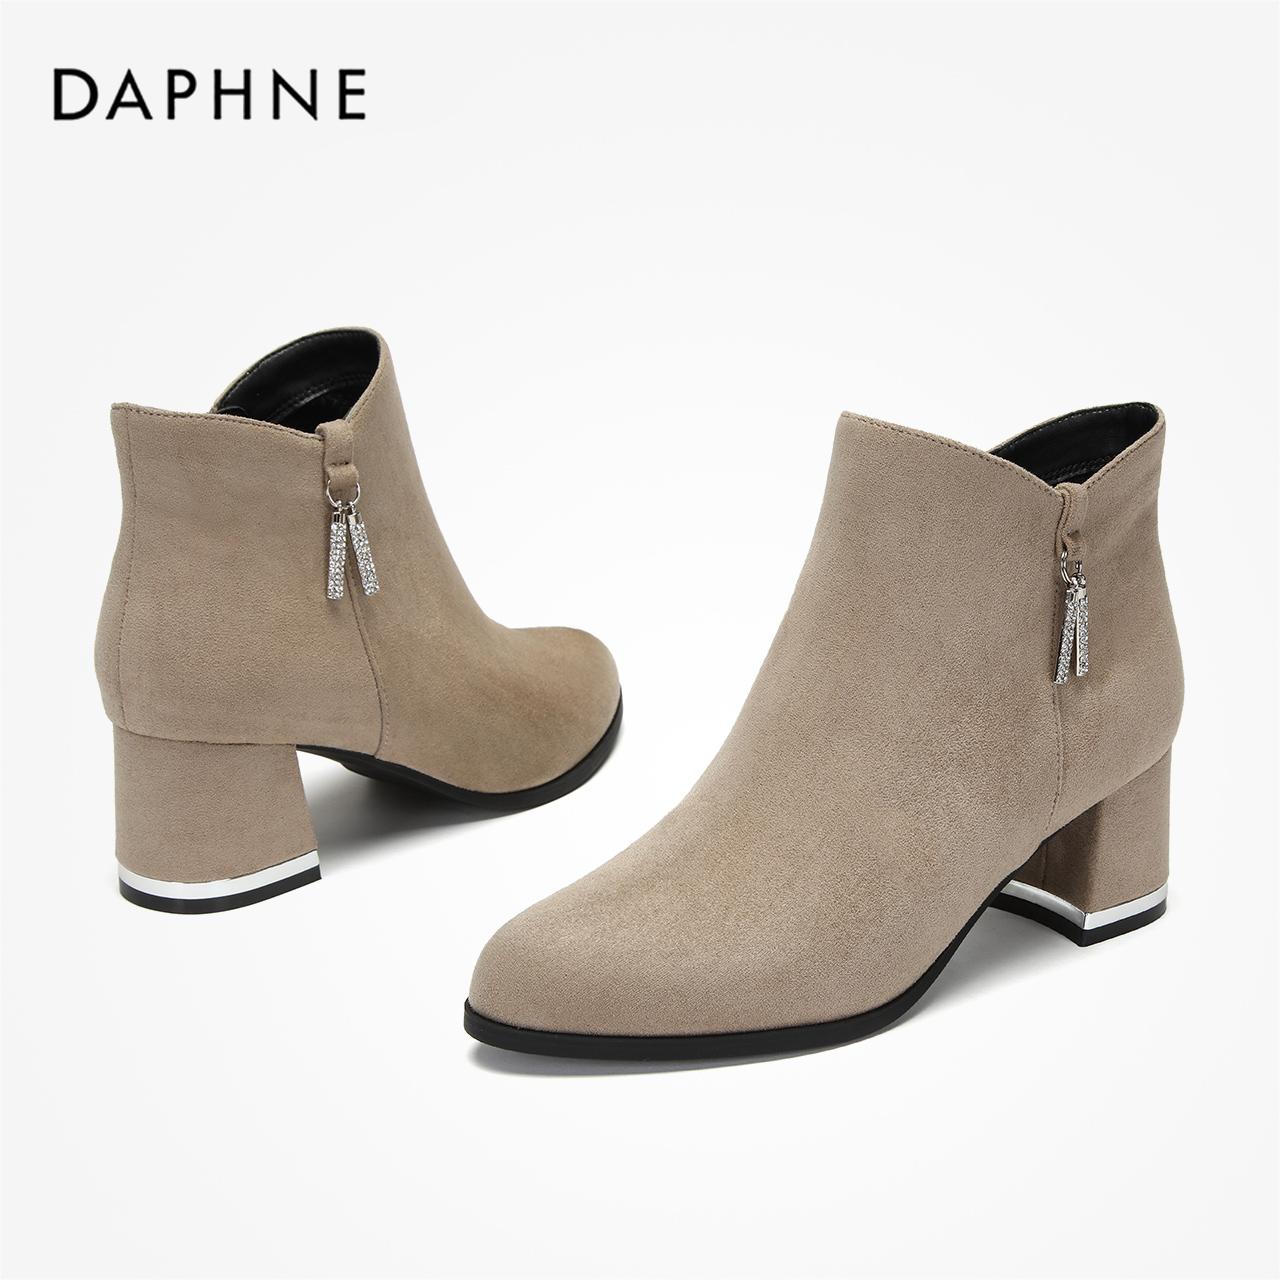 冬尖头时装靴闪耀钻饰粗跟绒面高跟短靴踝靴 2019 达芙妮 Daphne